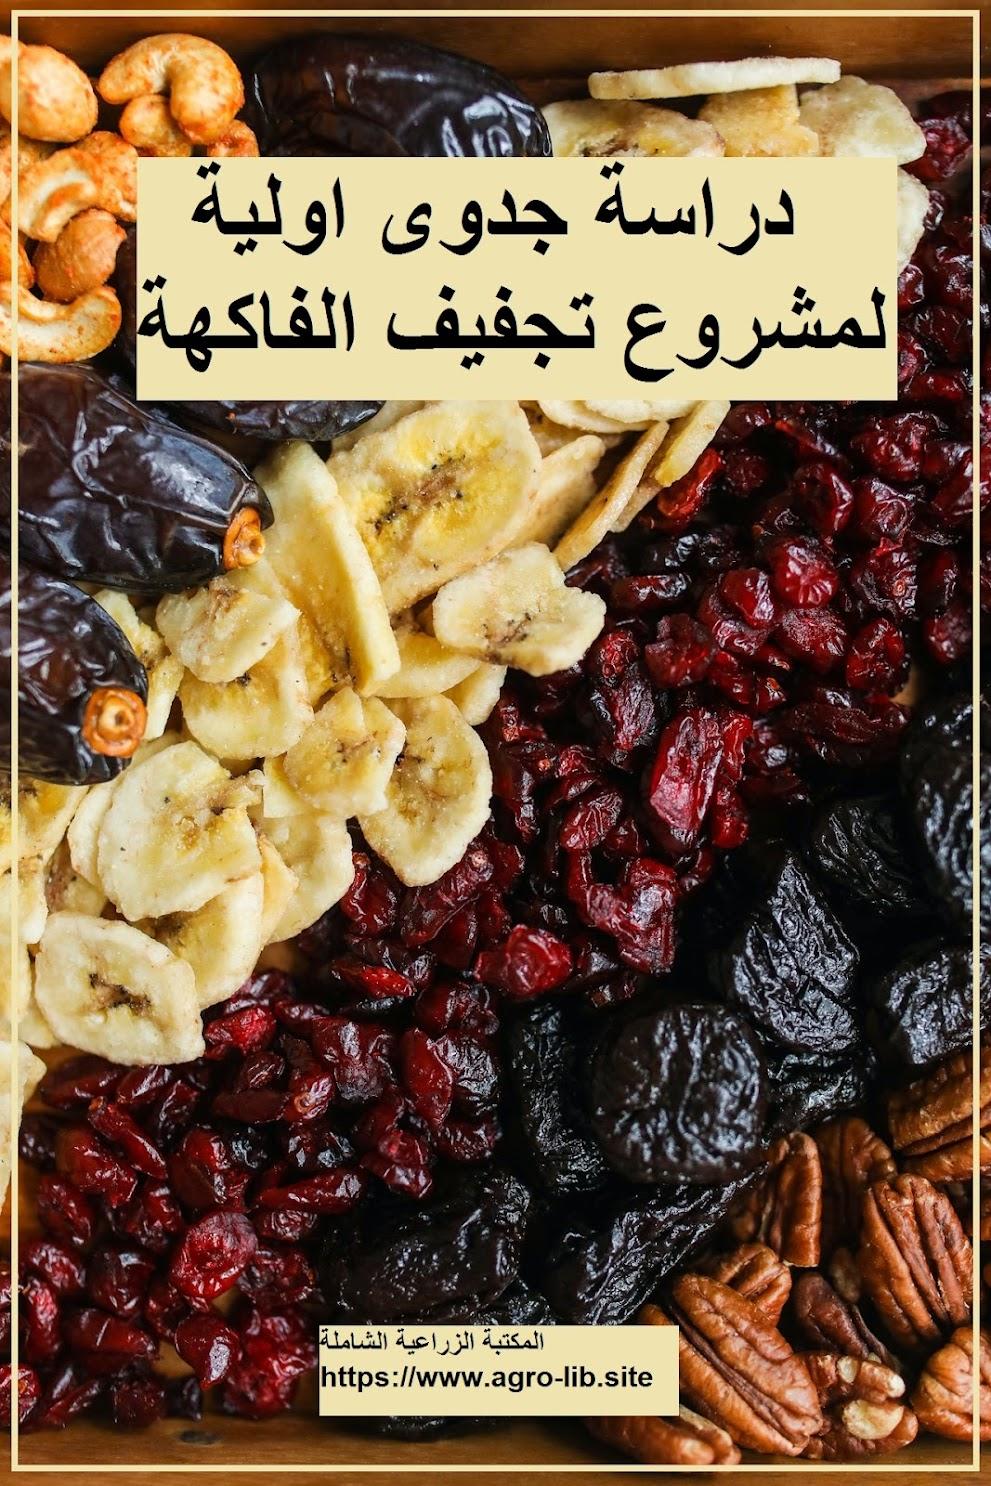 كتاب : دراسة جدوى اولية لمشروع تجفيف الفاكهة